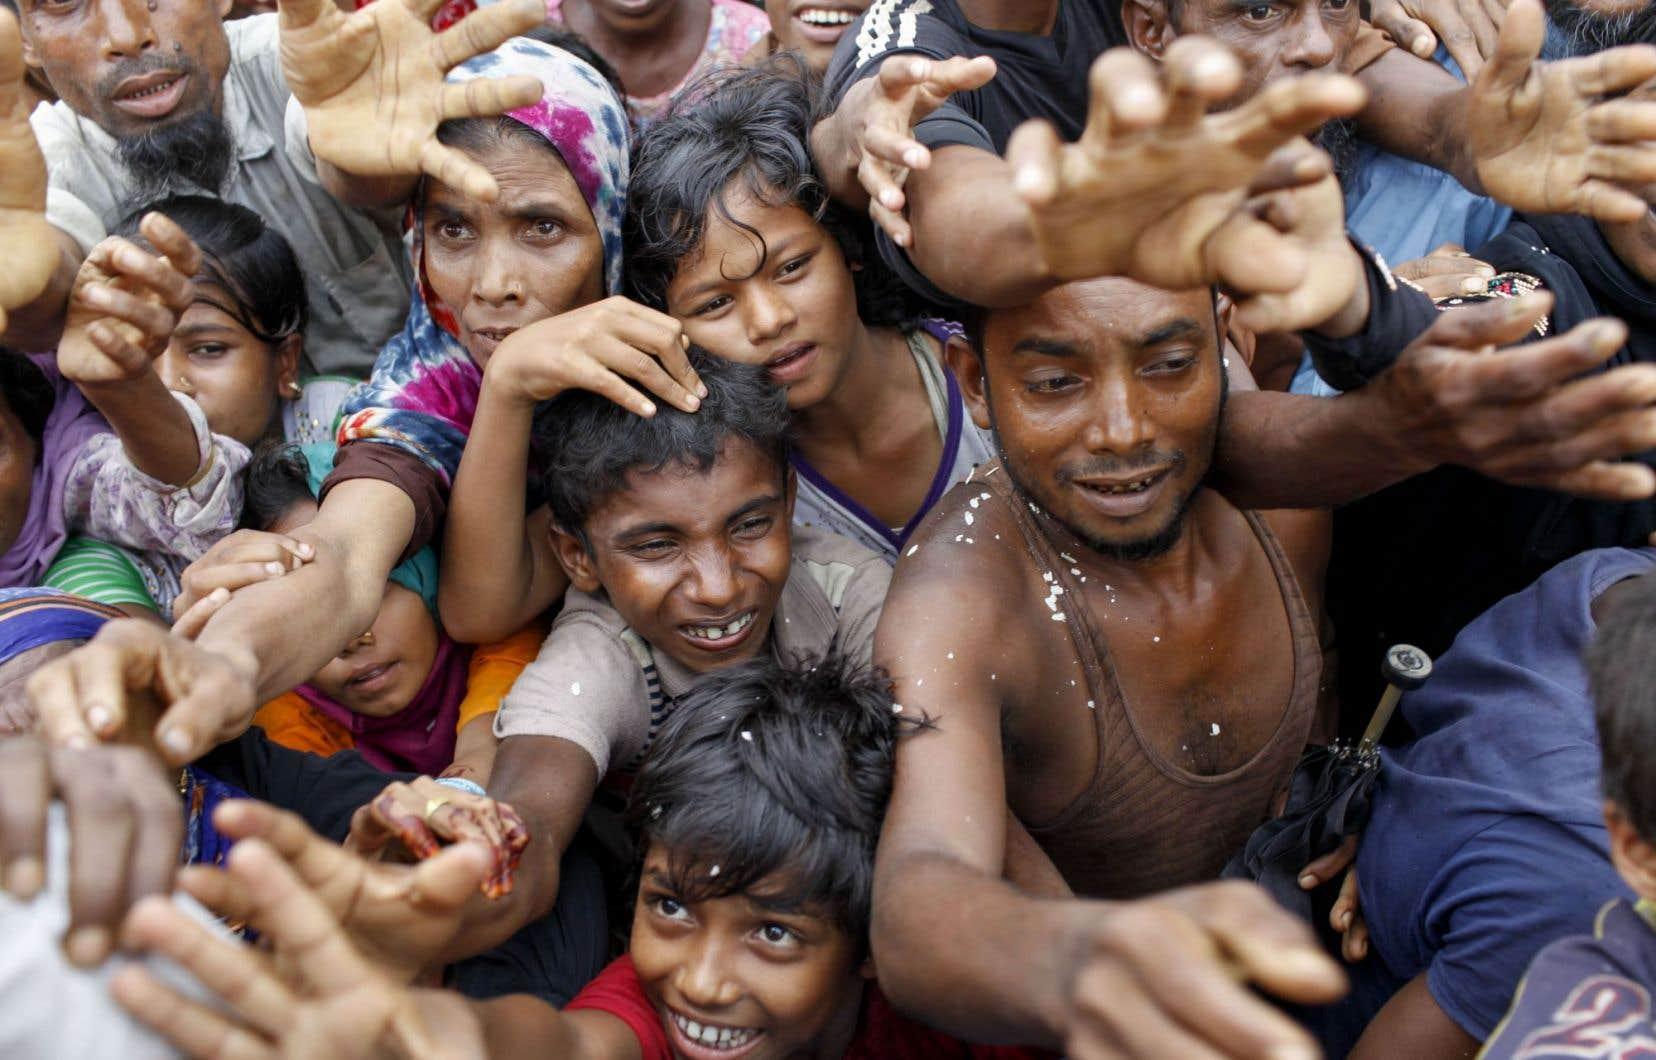 La Maison-Blanche s'est de son côté déclarée lundi «profondément troublée» par la crise des Rohingyas.